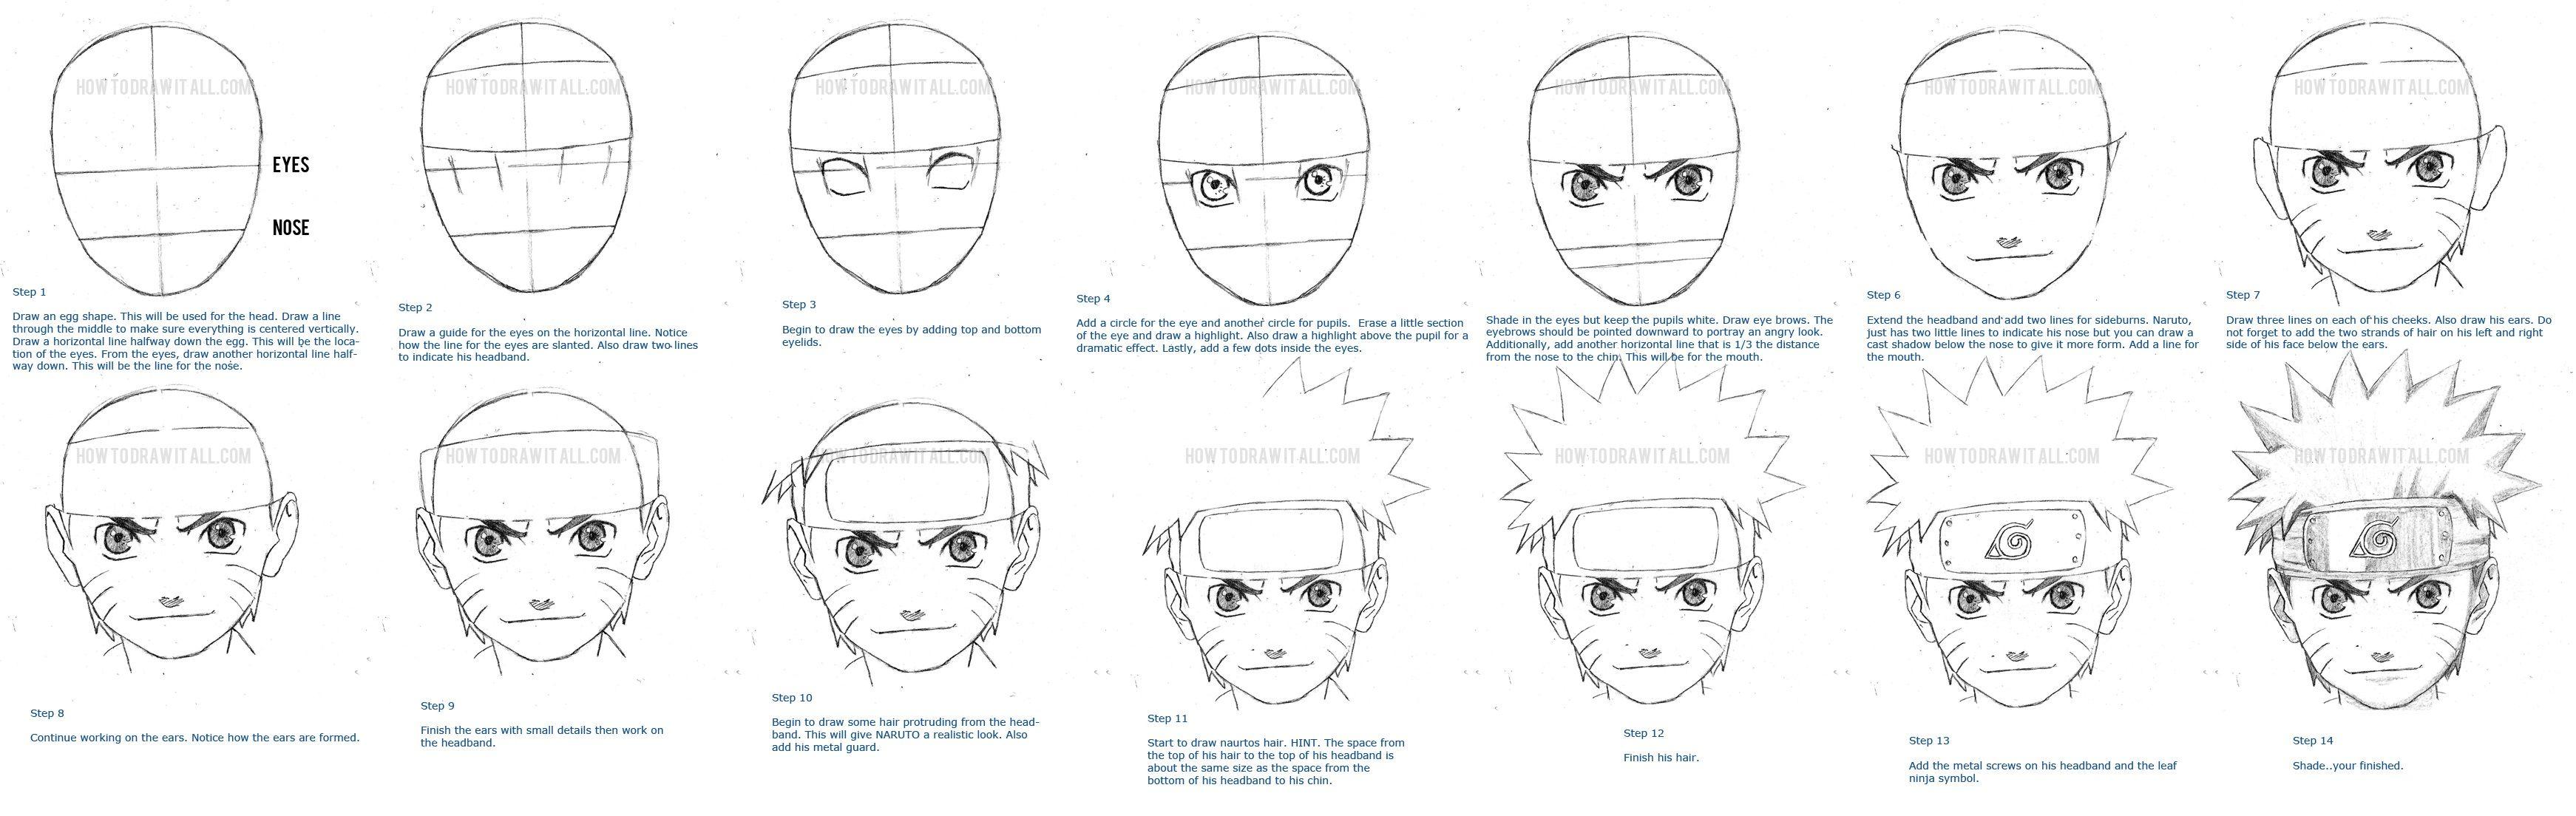 How To Draw Naruto Naruto Drawings Drawings Naruto